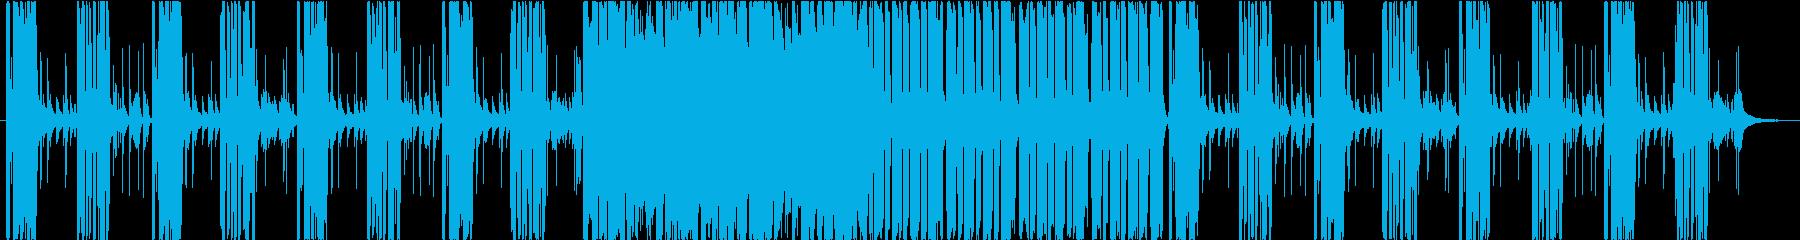 クールでファンキーな曲ですの再生済みの波形